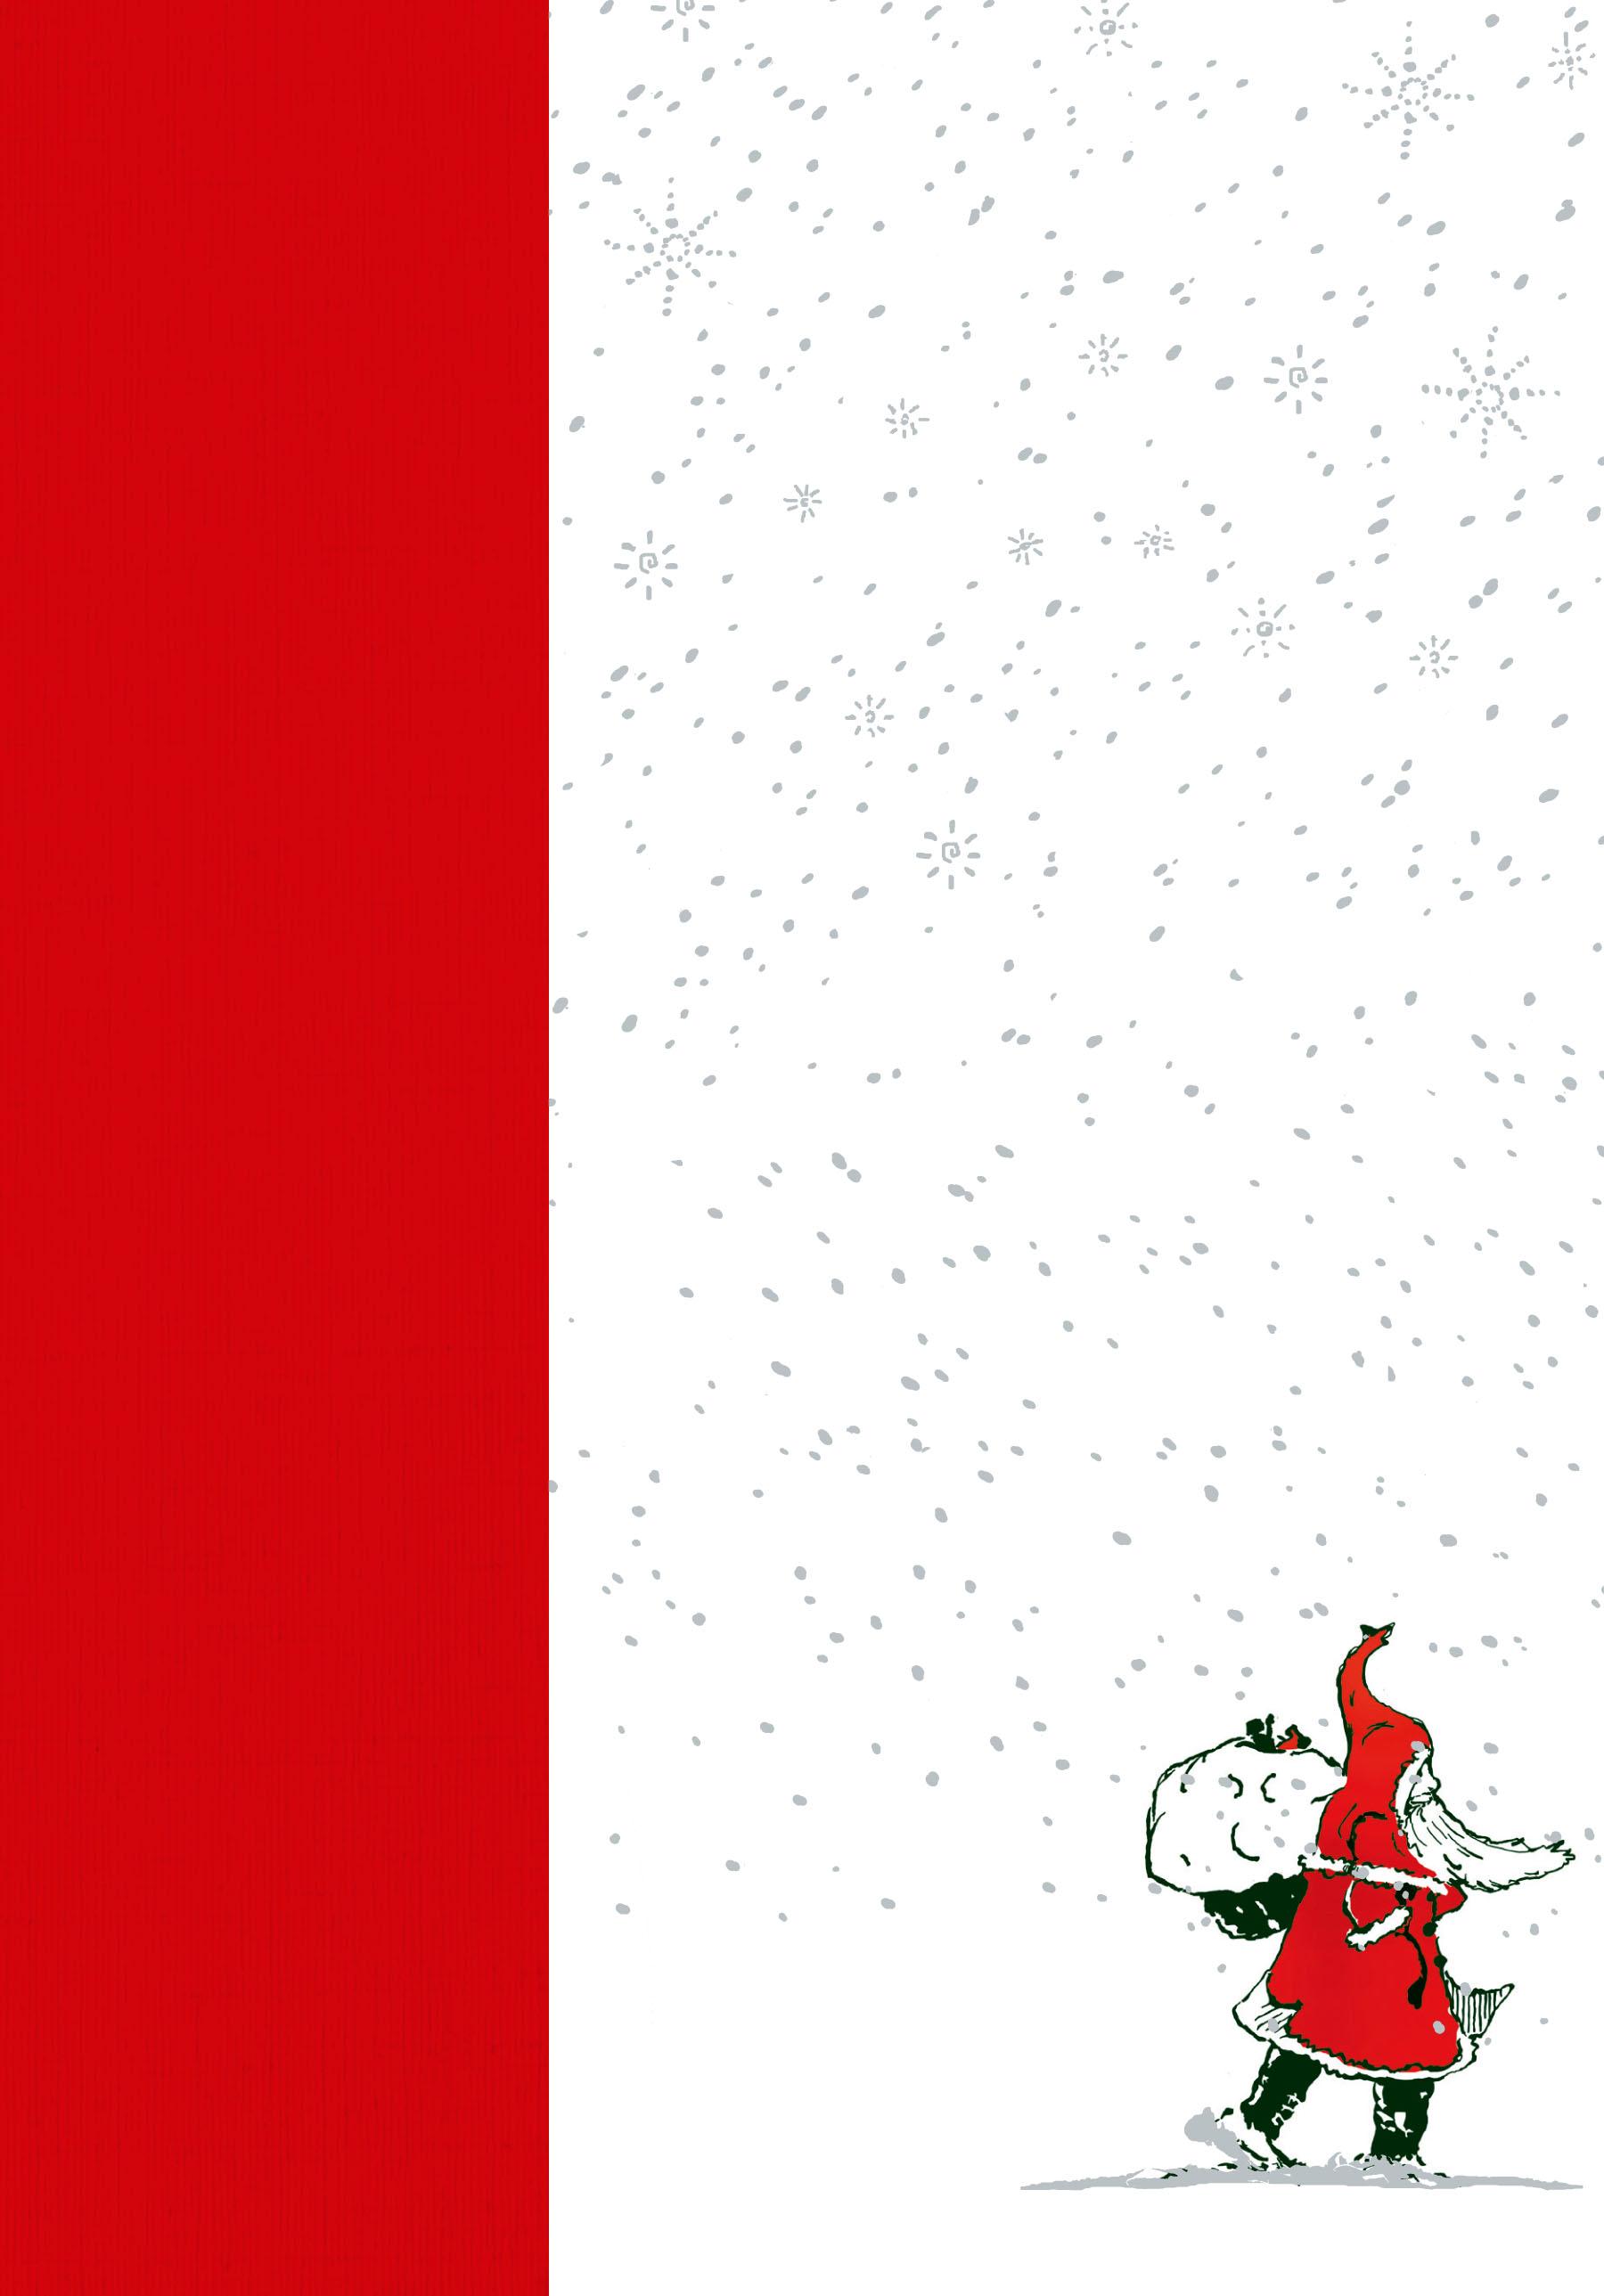 Briefe vom Weihnachtsmann